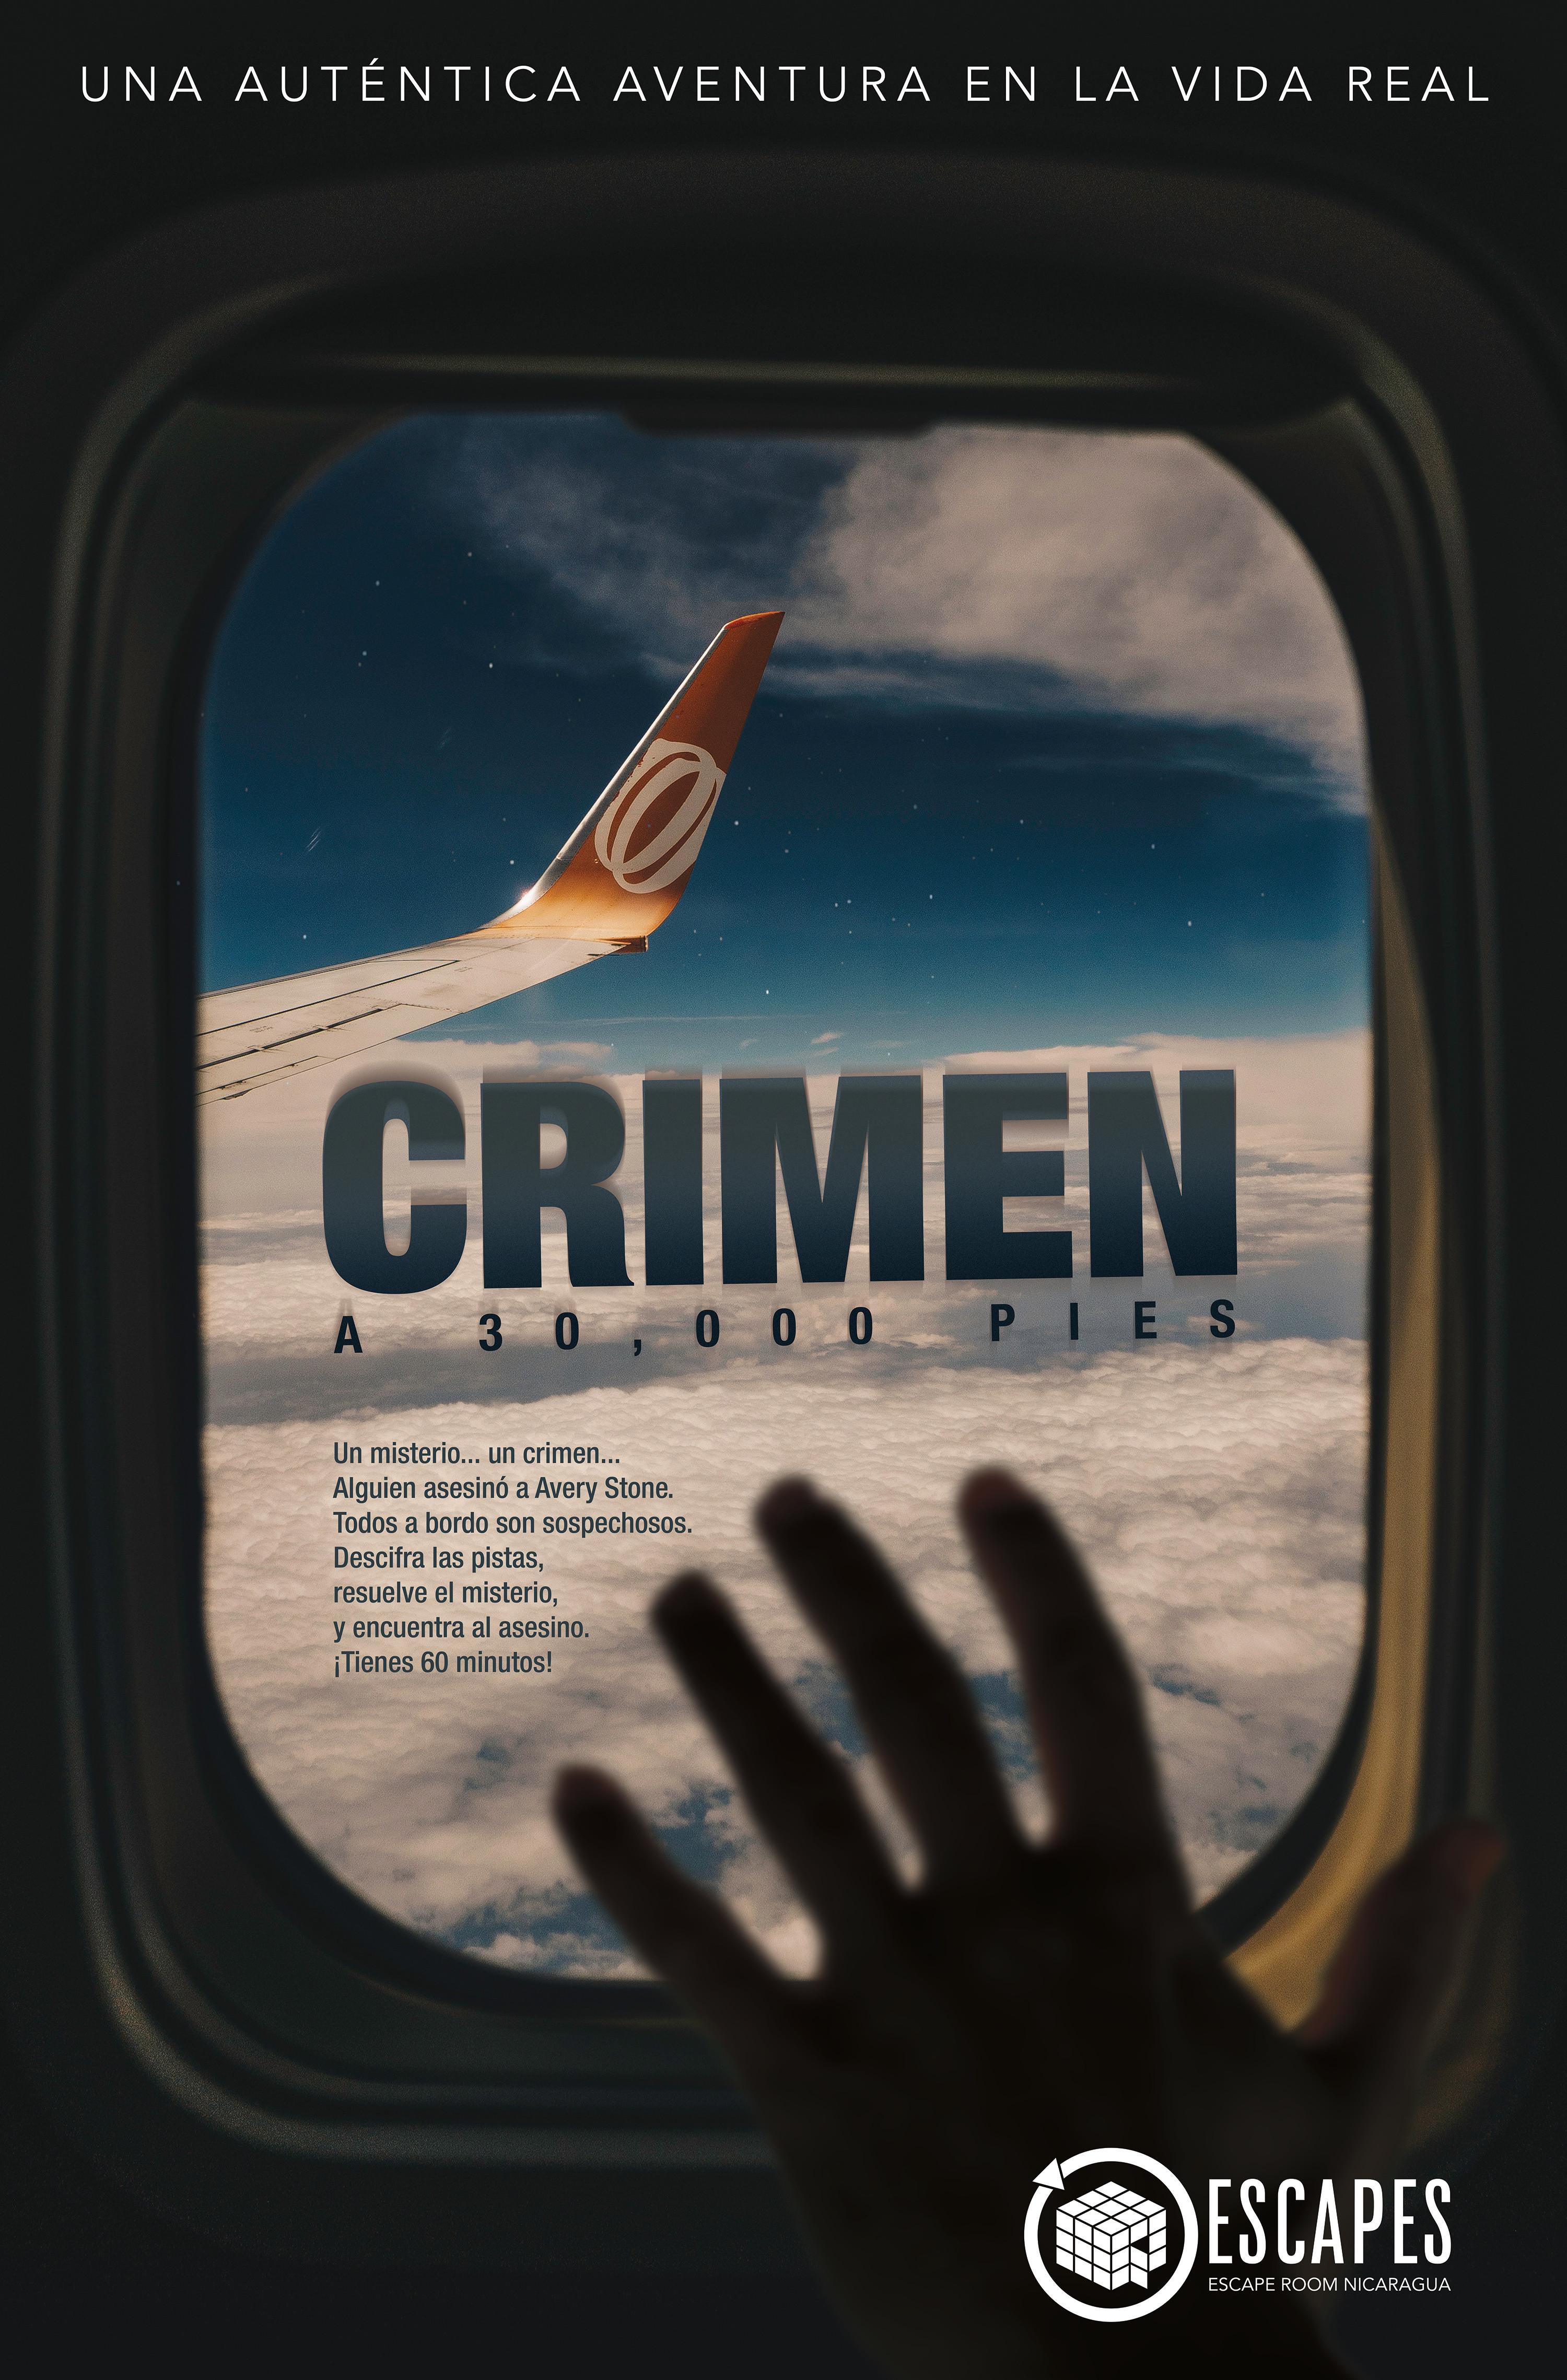 Crimen a 30 mil pies de altura (Enero)